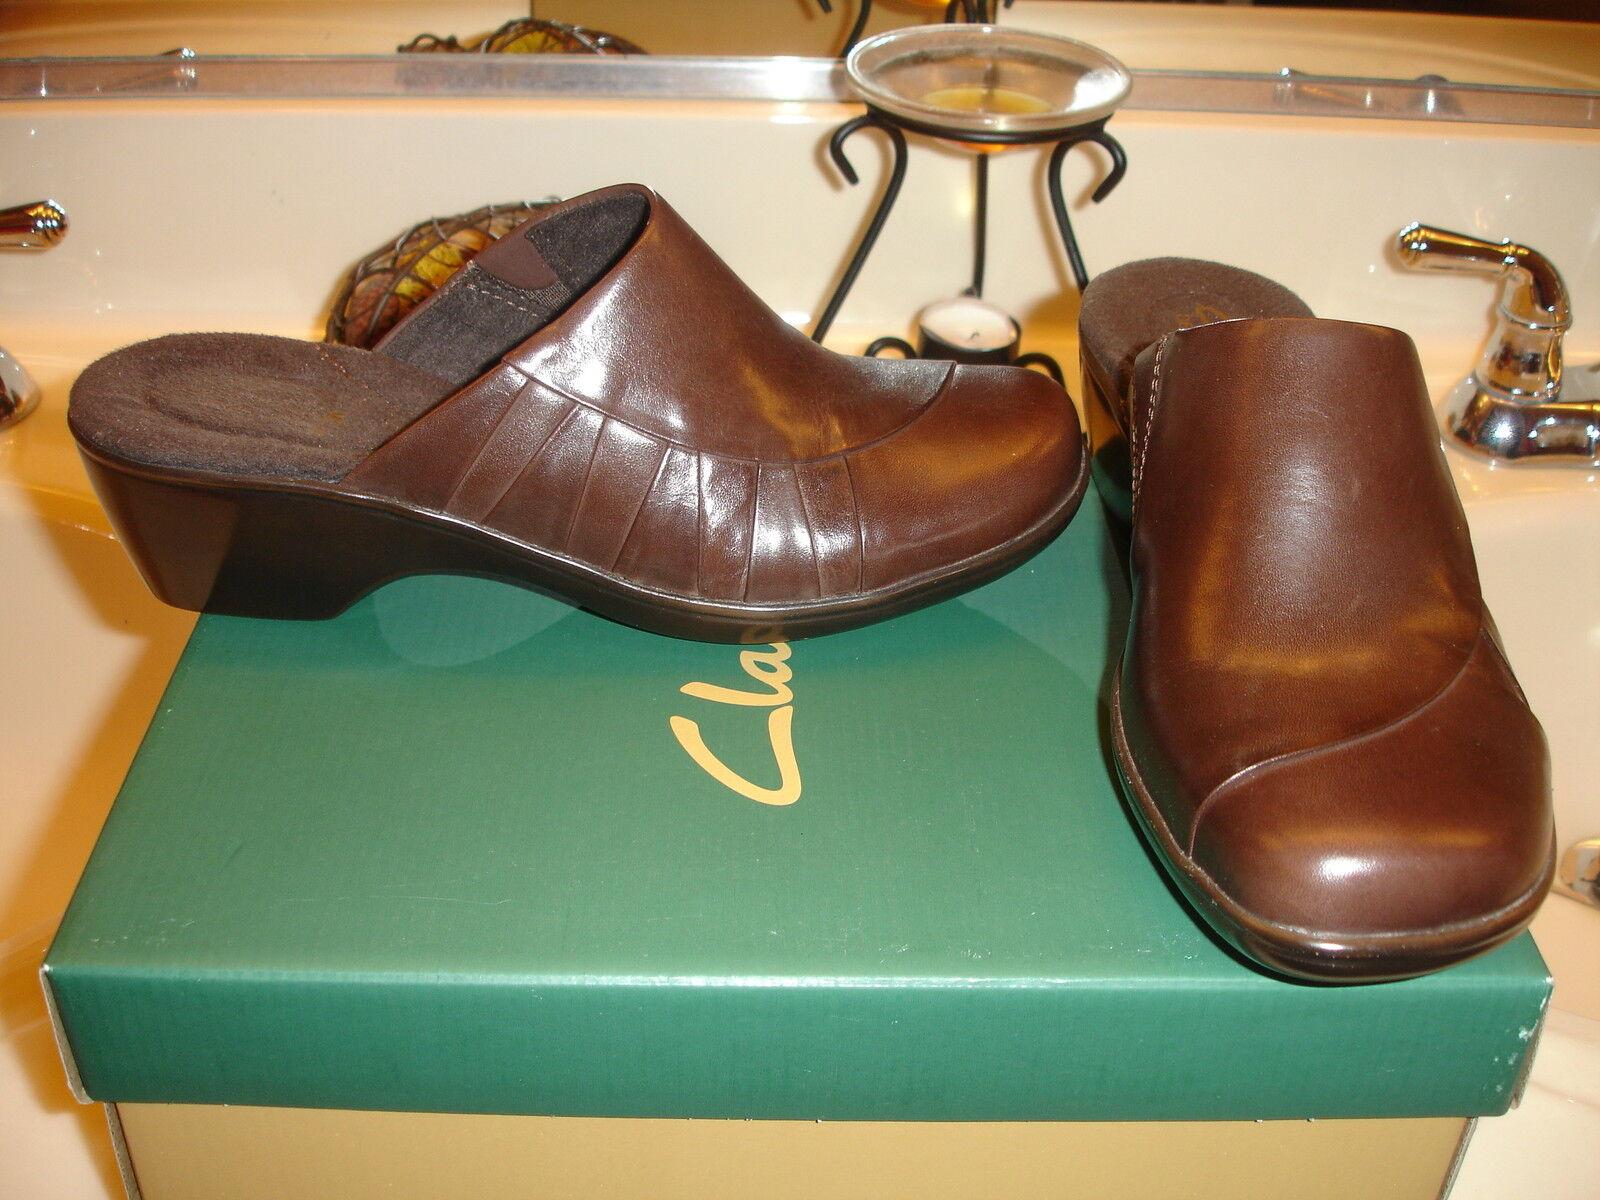 Clarks April Dahlia marron Leather Mule Slide  Cute chaussures 6.5 7.5   85 Quality